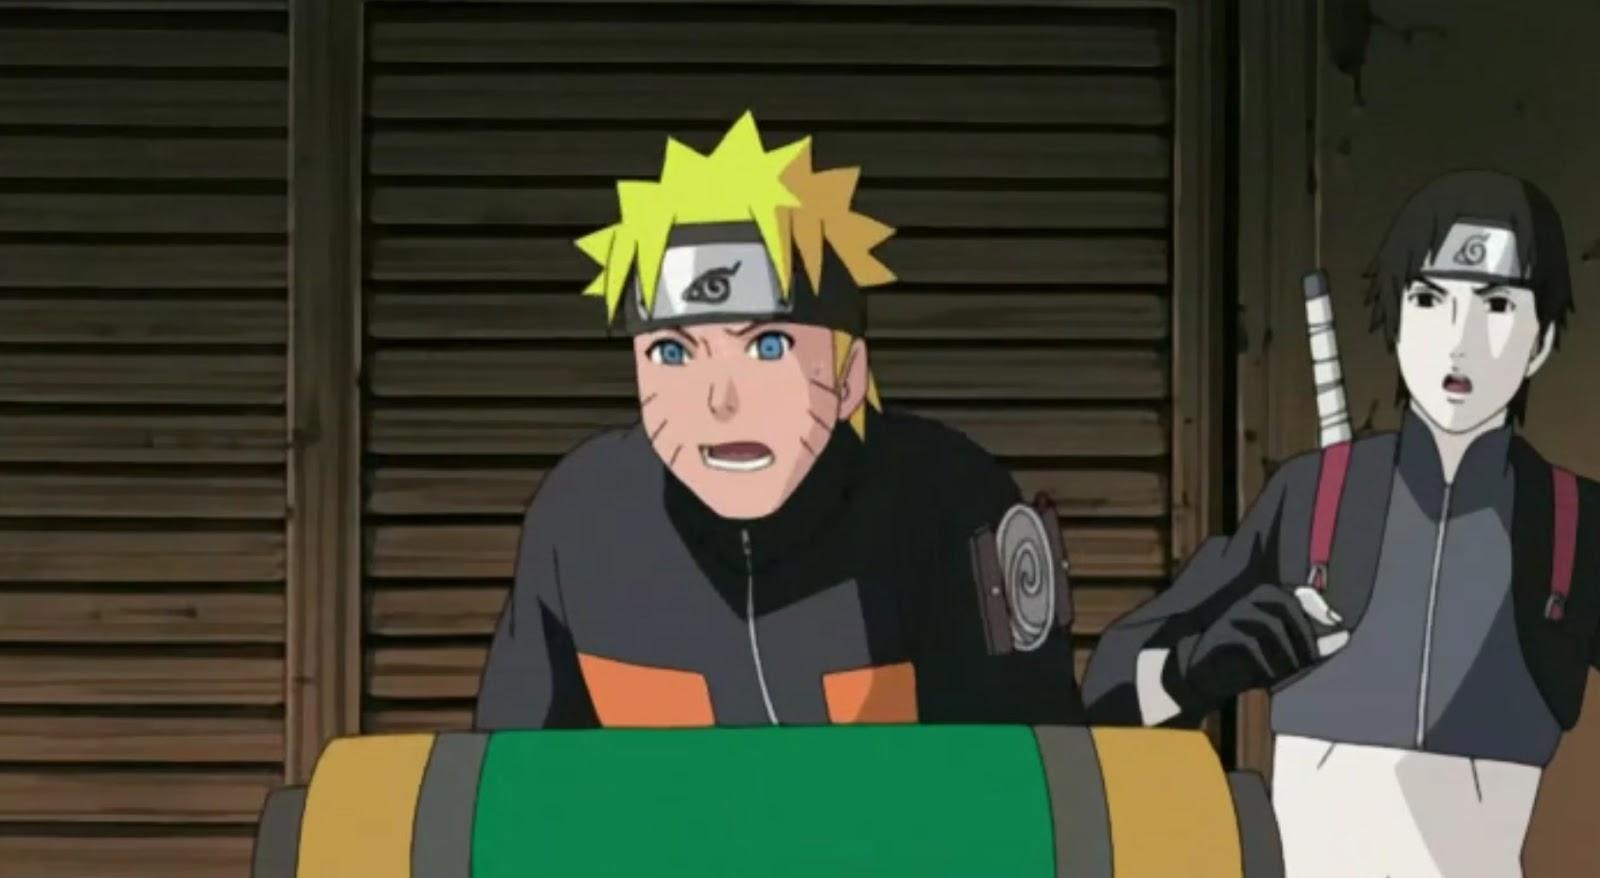 Naruto Shippuden Episódio 102, Naruto Shippuden Episódio 102, Assistir Naruto Shippuden Todos os Episódios Legendado, Naruto Shippuden episódio 102,HD